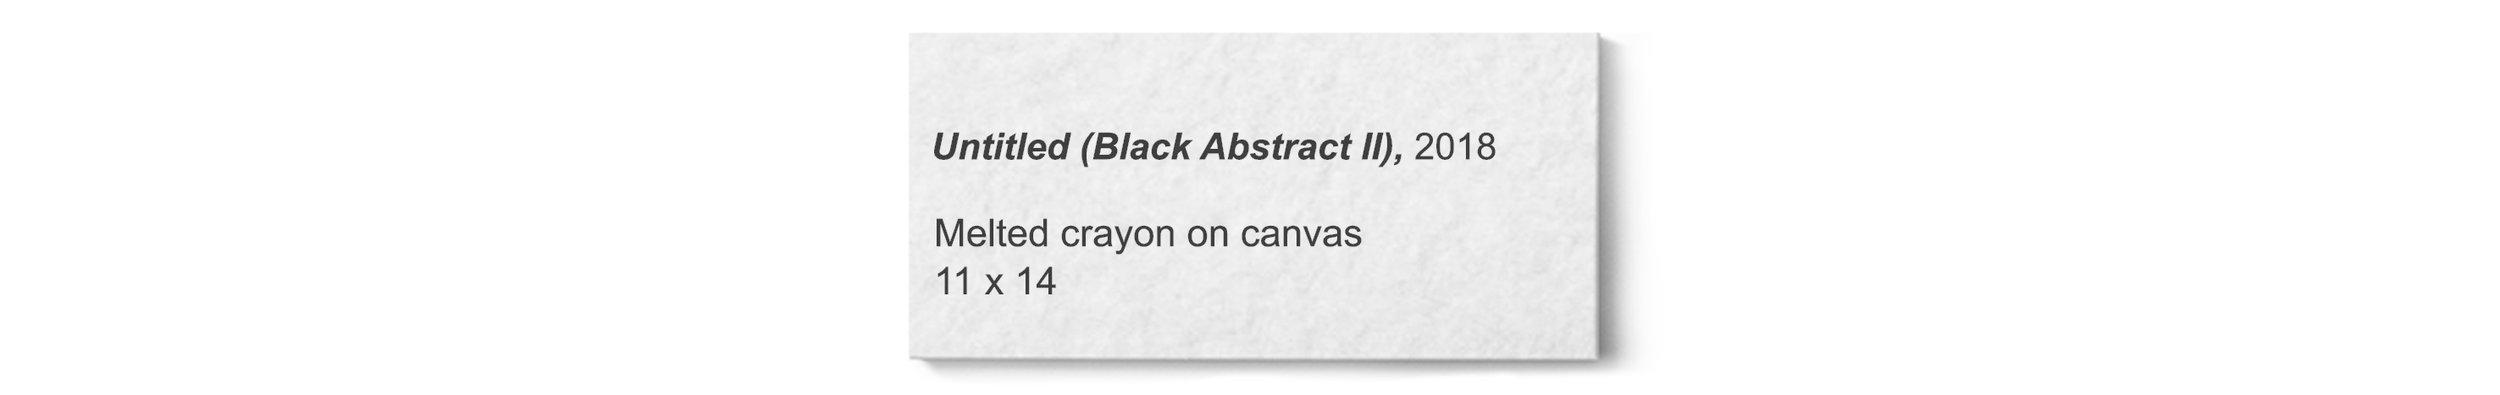 Wall Label (Black Abstarct II).jpg